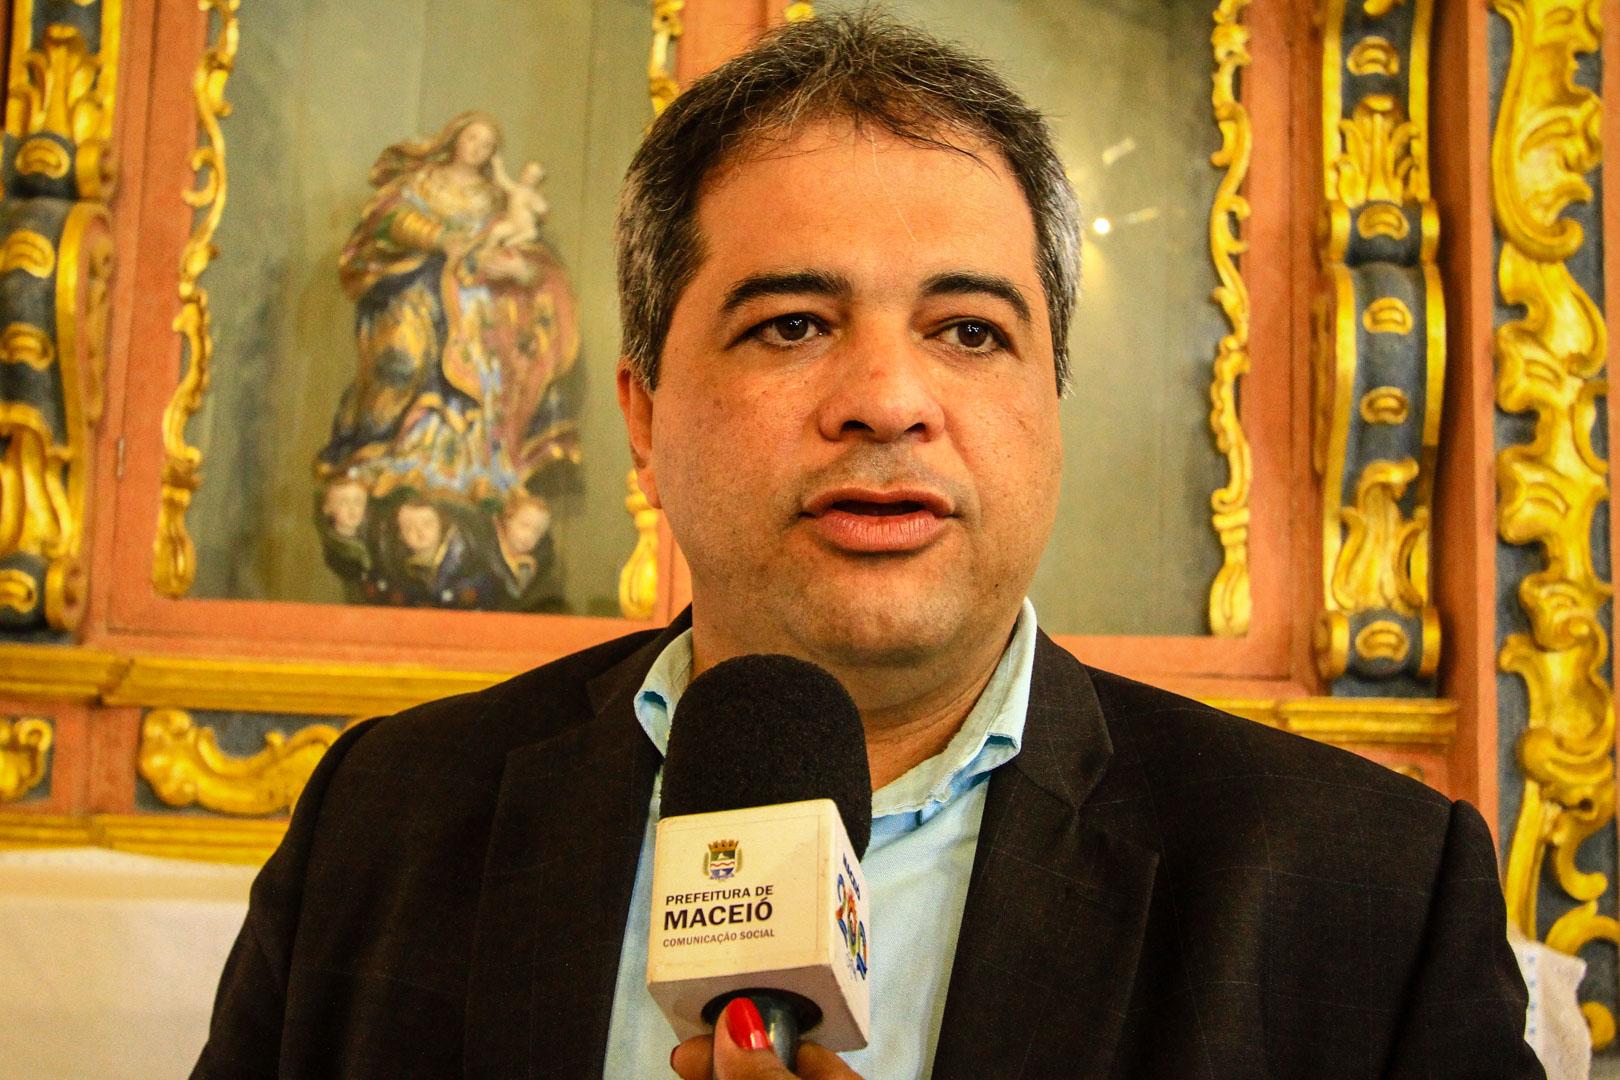 Silvio Camelo